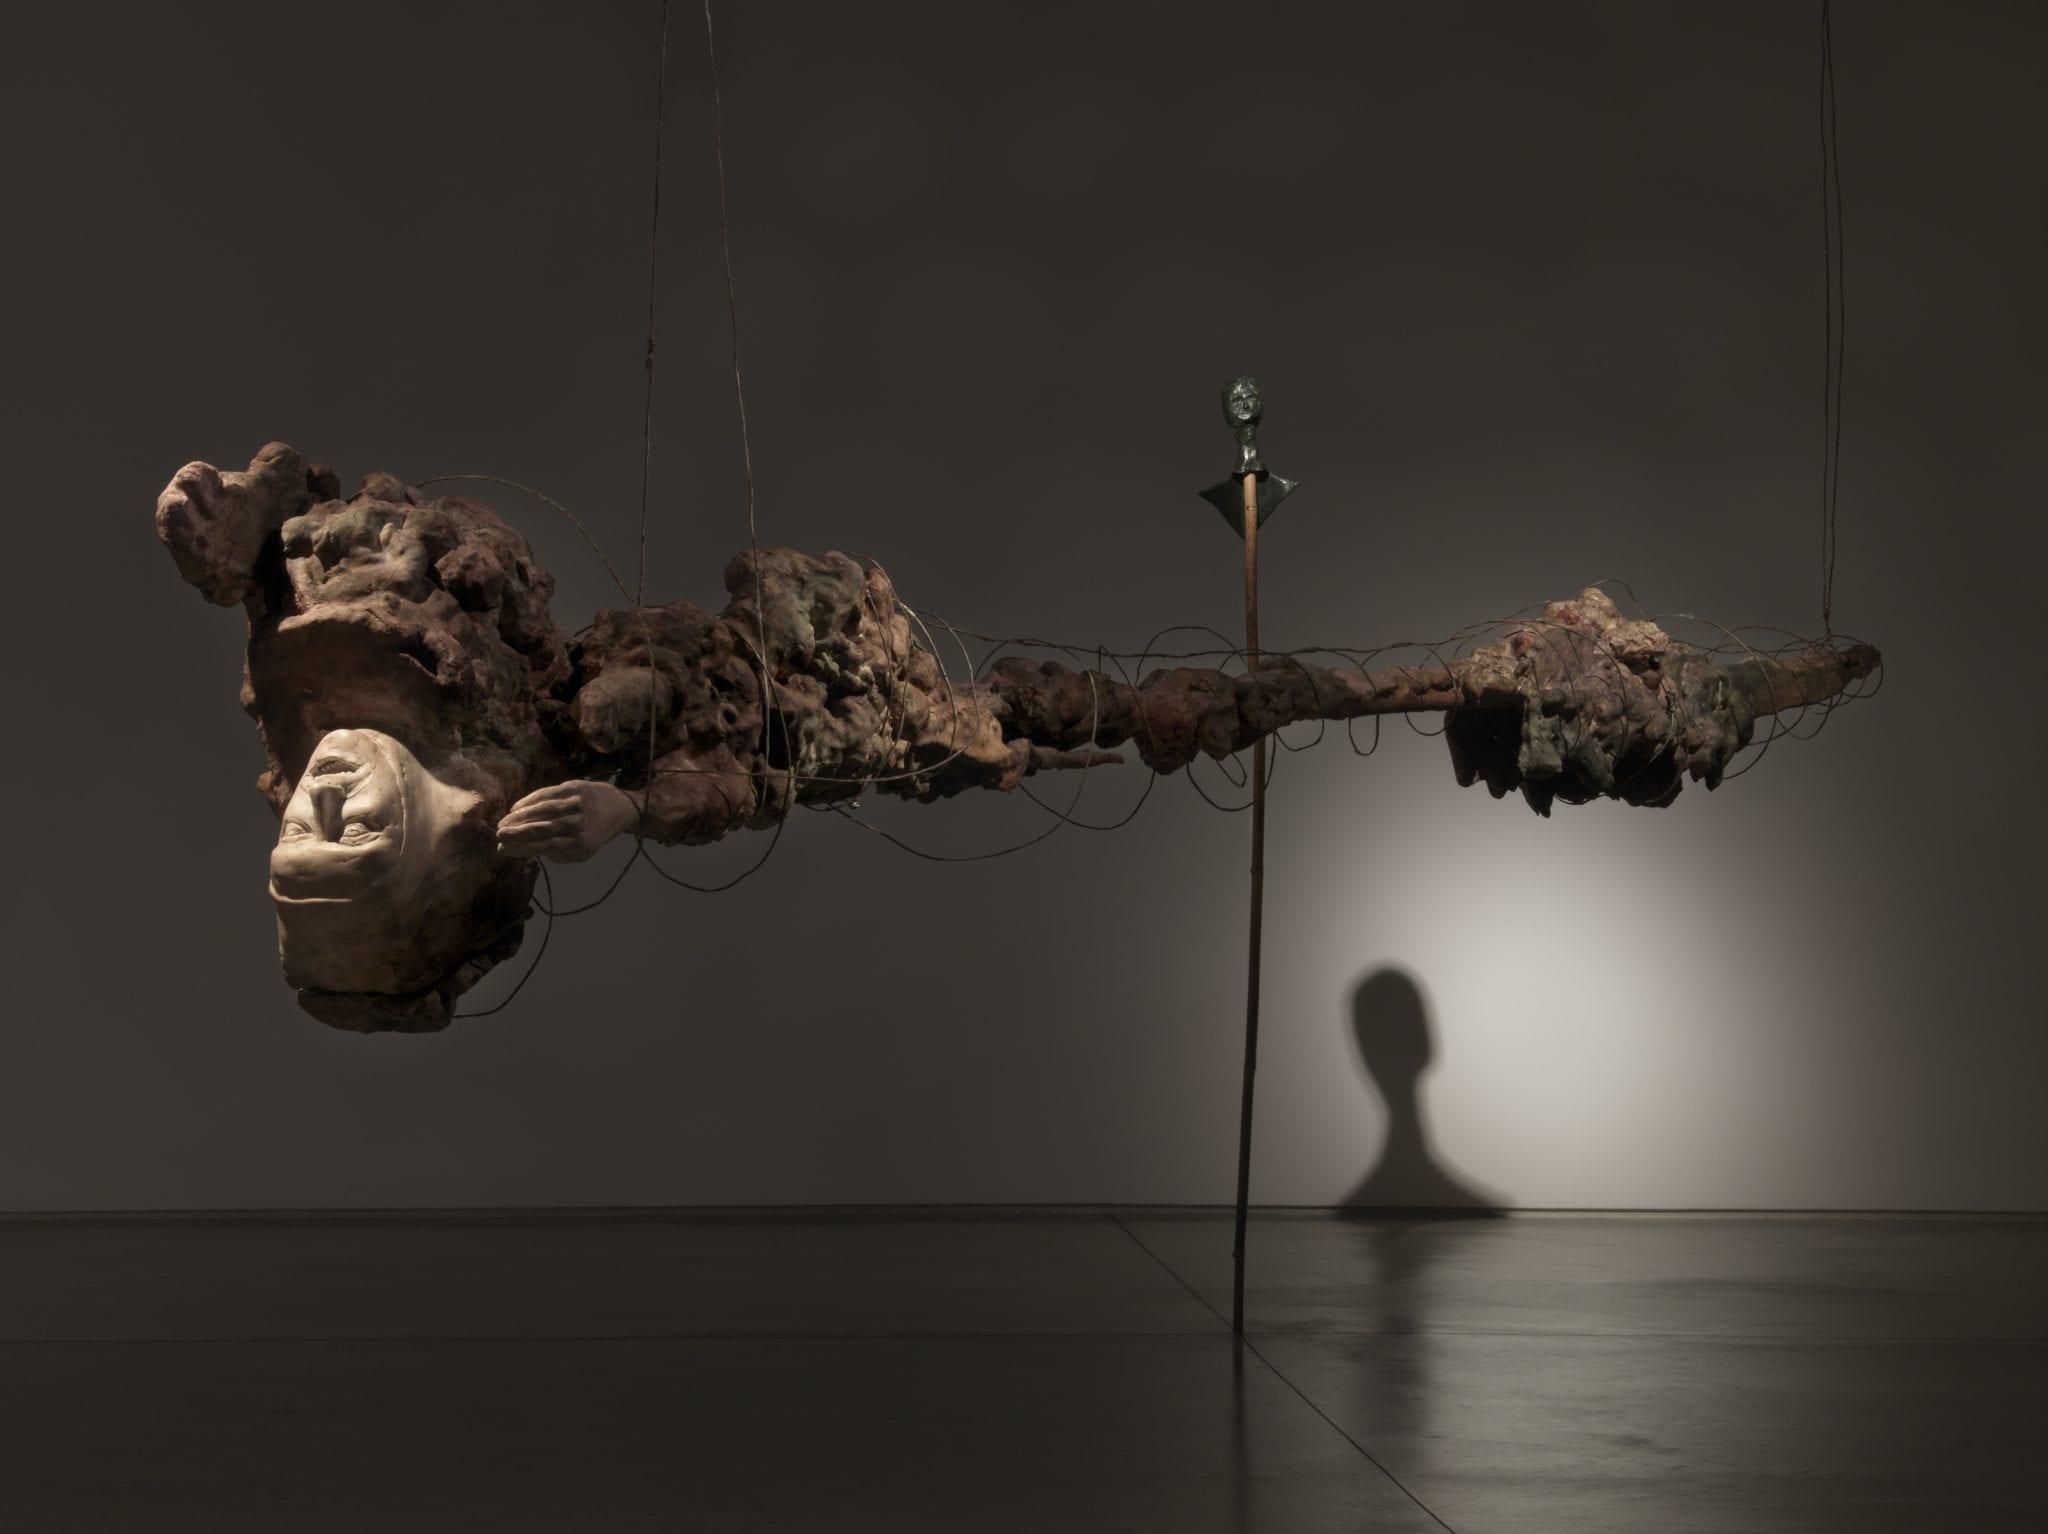 Biennale 2019. Arte e letteratura sfidano il labirinto dell'esistenza. Le parole di Calvino tra le opere del Padiglione Italia